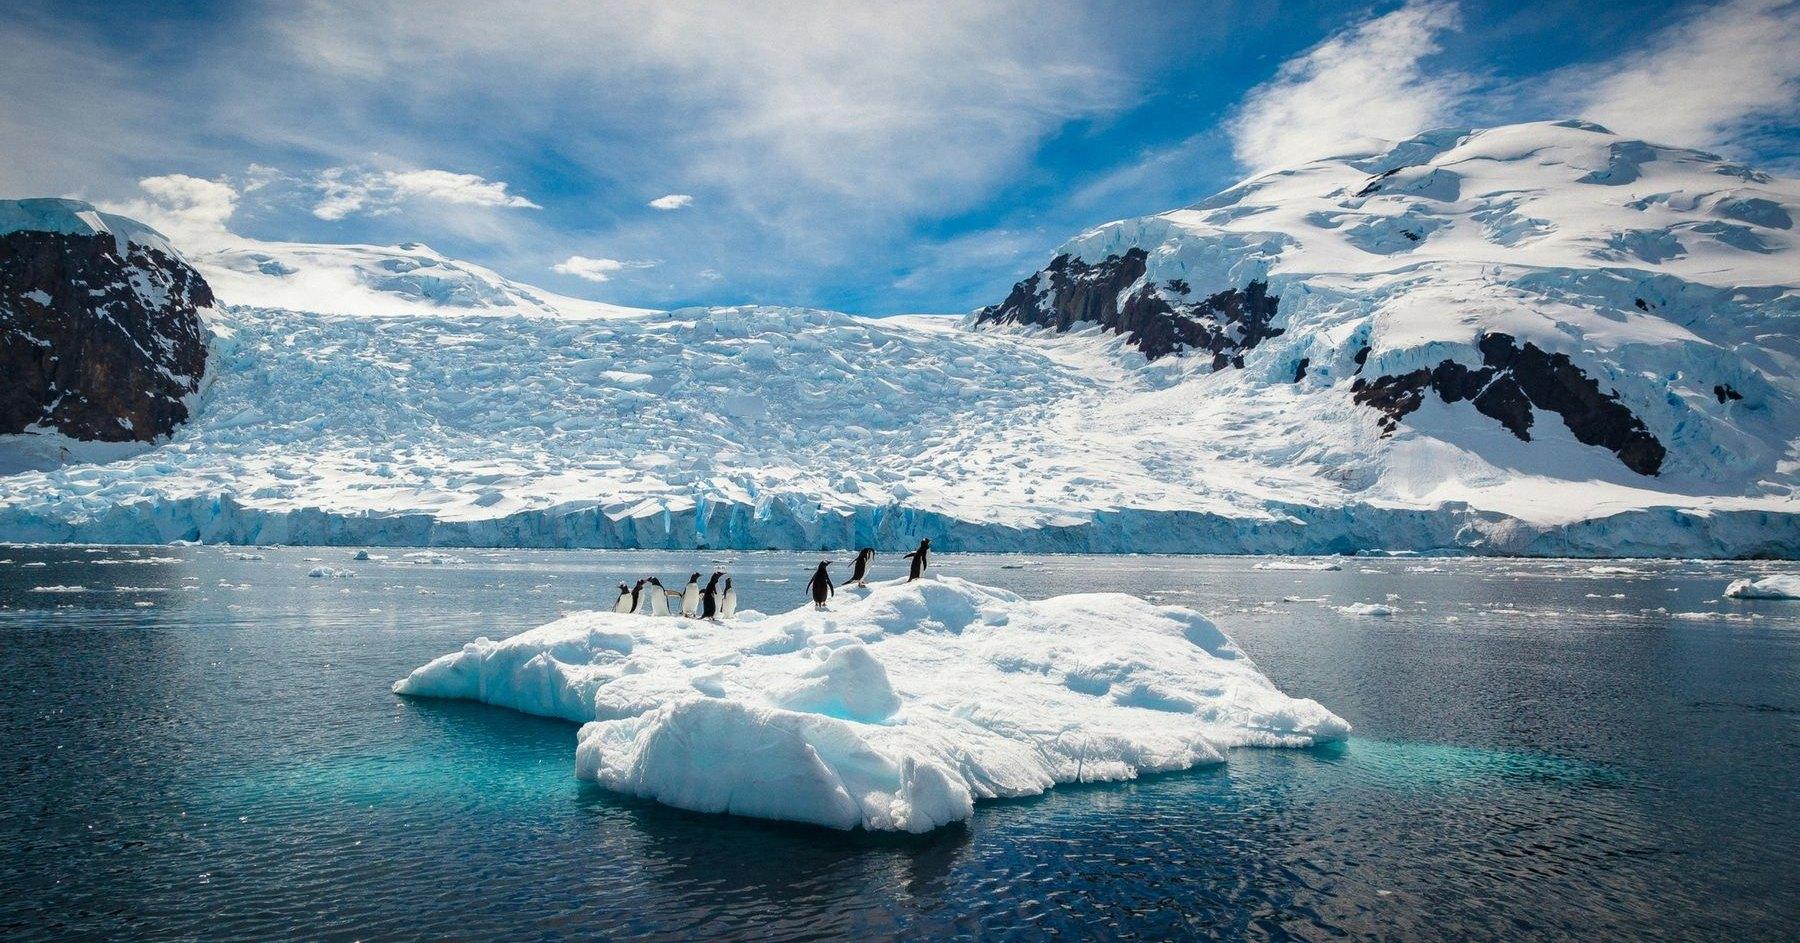 Обнаружен источник тепла под Антарктидой: лёд тает изнутри